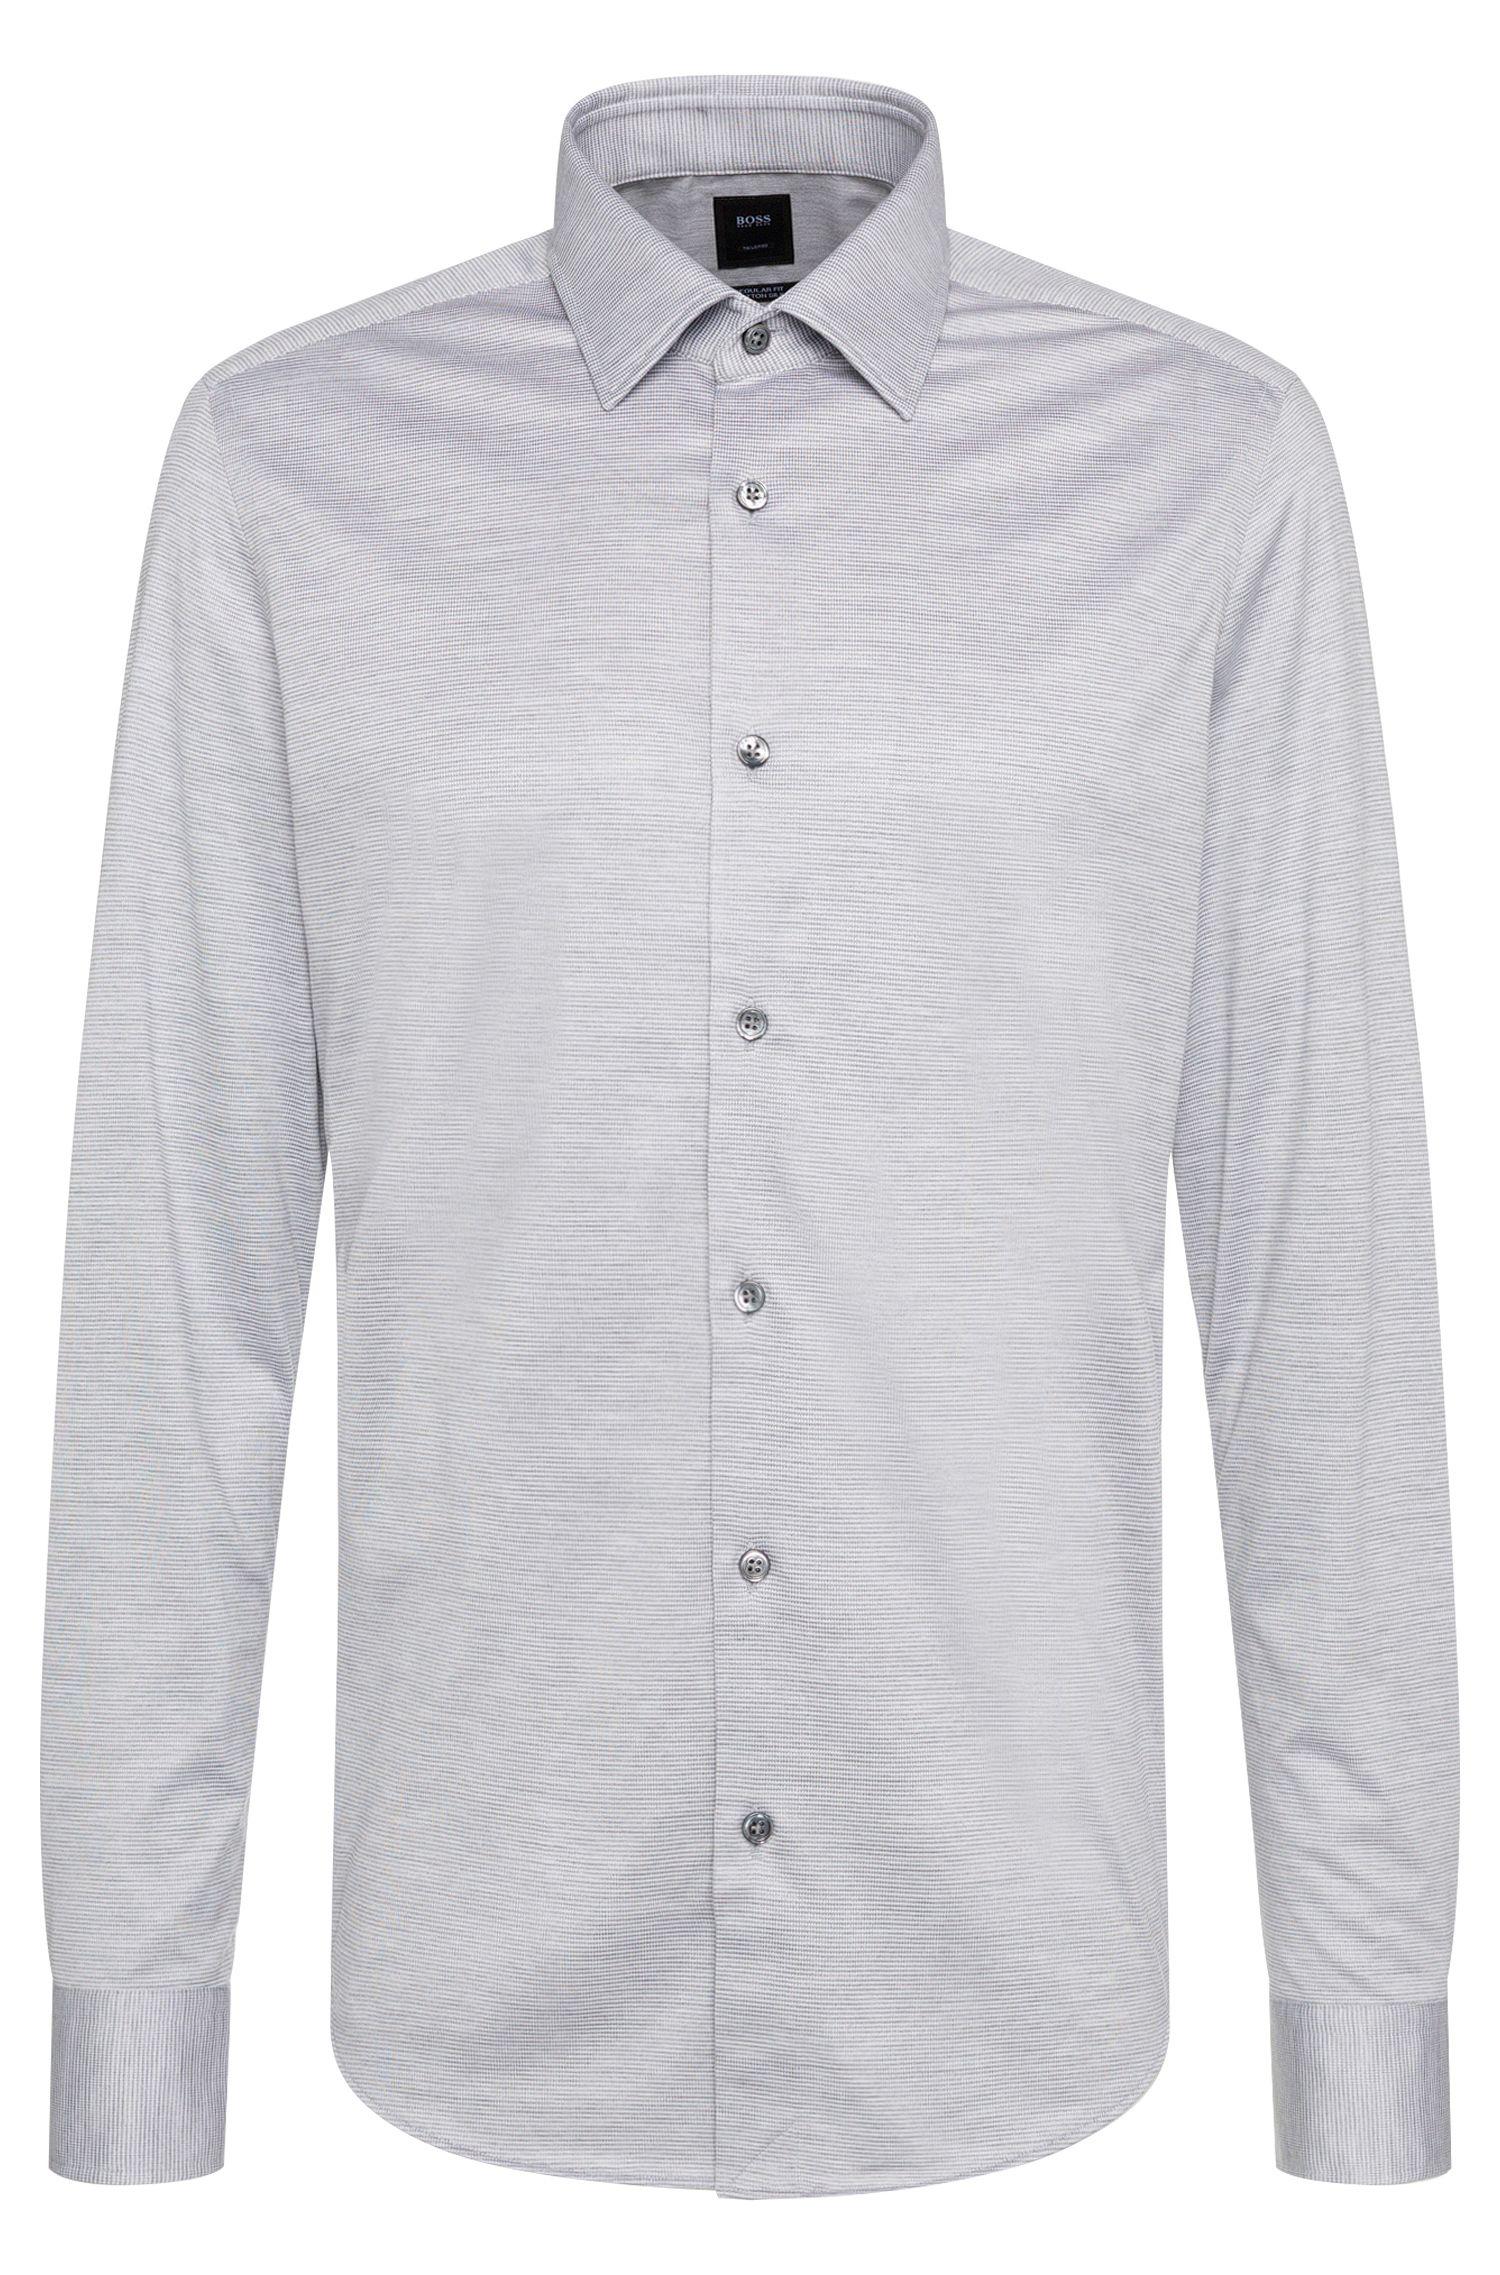 'T-Landon'   Regular Fit, Italian Silk Cotton Jersey Button Down Shirt